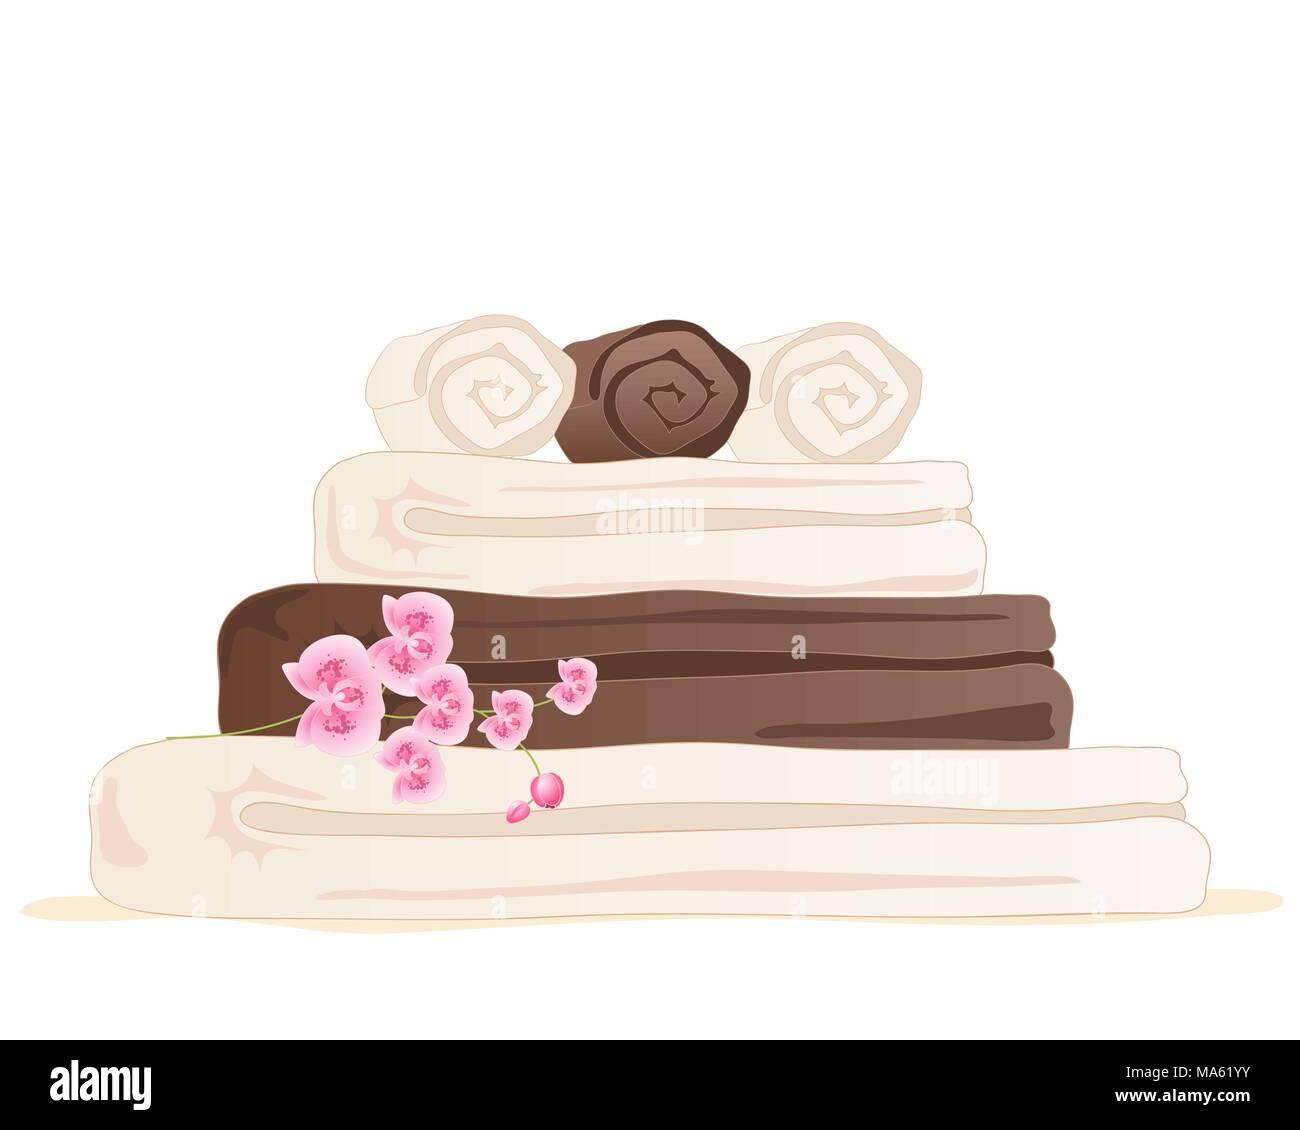 Una illustrazione vettoriale in formato eps formato 10 di cioccolato e crema di colore stack asciugamano con rosa orchid isolato su uno sfondo bianco Immagini Stock